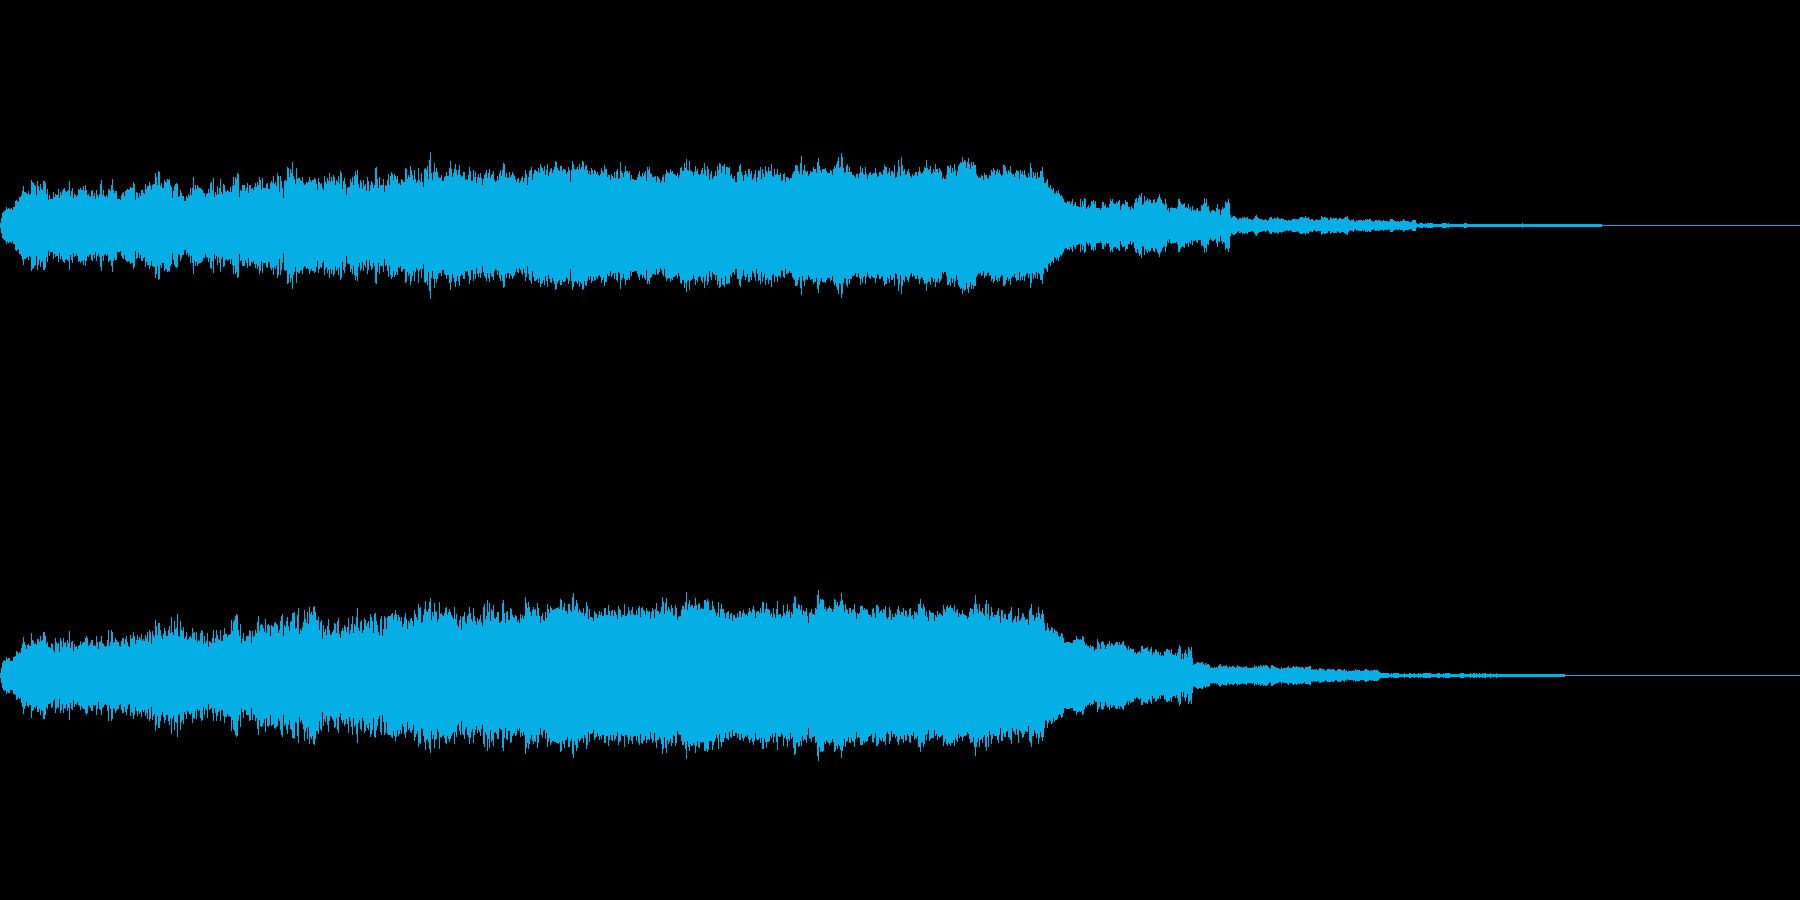 キーン(耳鳴り)の再生済みの波形